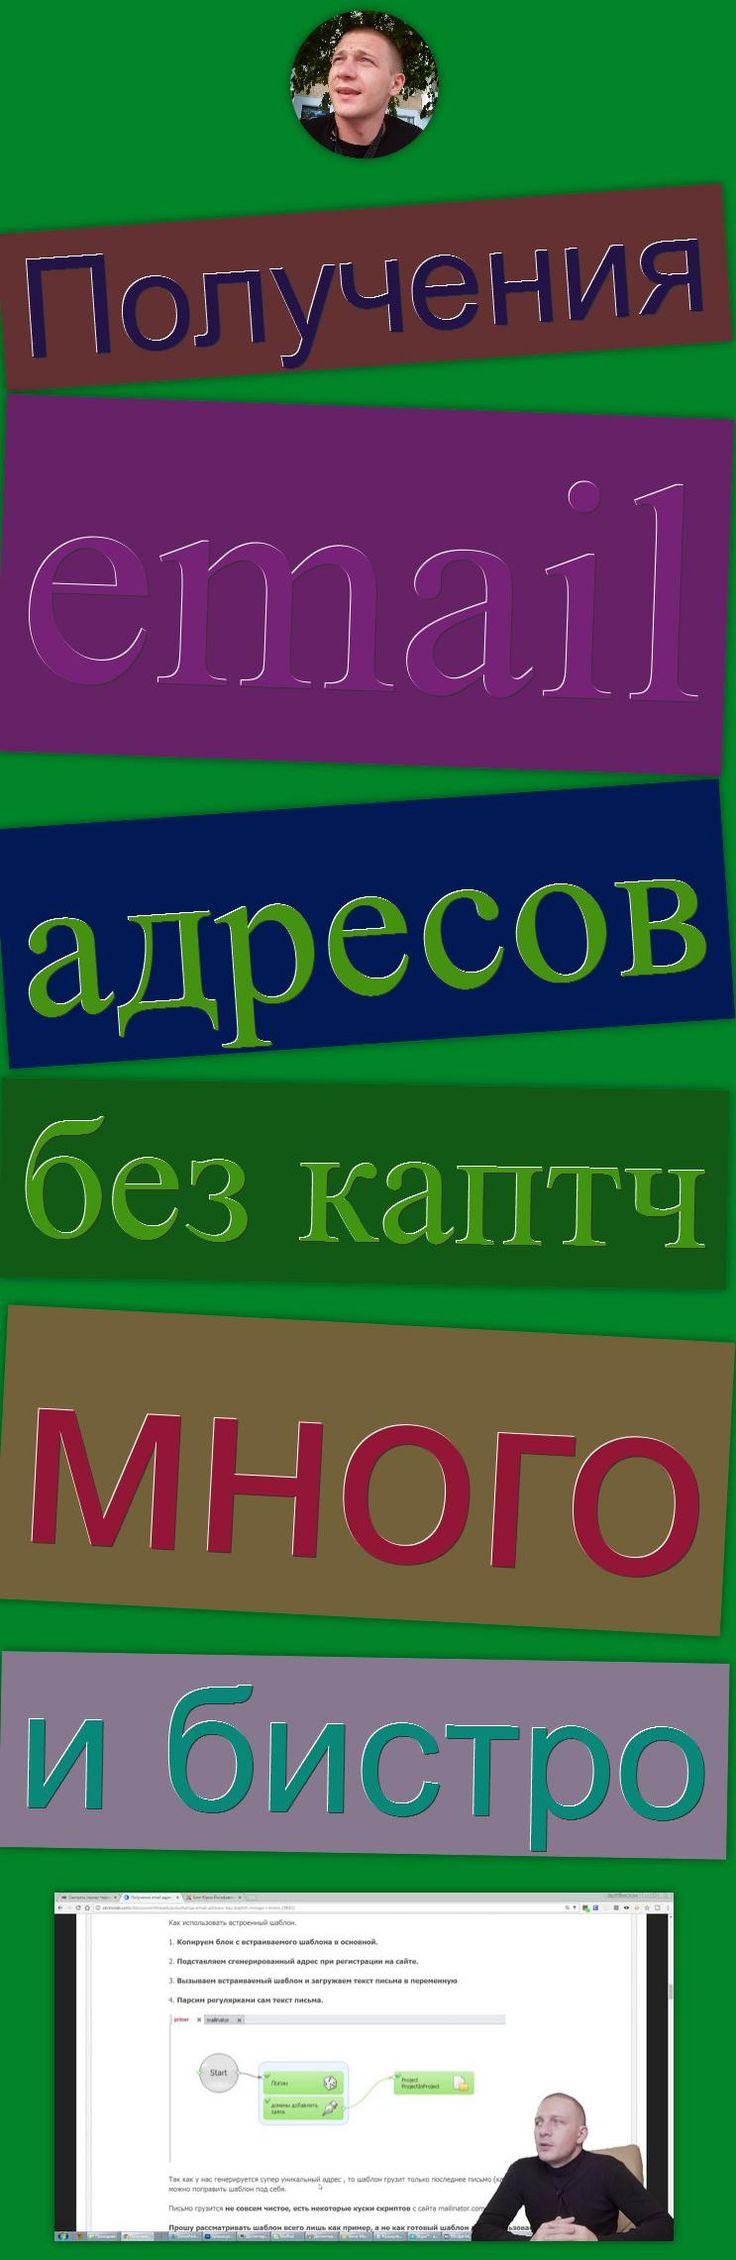 Получения email адресов без каптч много и бистро Юрий Йосифович, Зеннопостер, регистратор аккаунтов, заработок, регистратор, пример шаблона, схема, получение почтовых аккаунтов, автоматизация